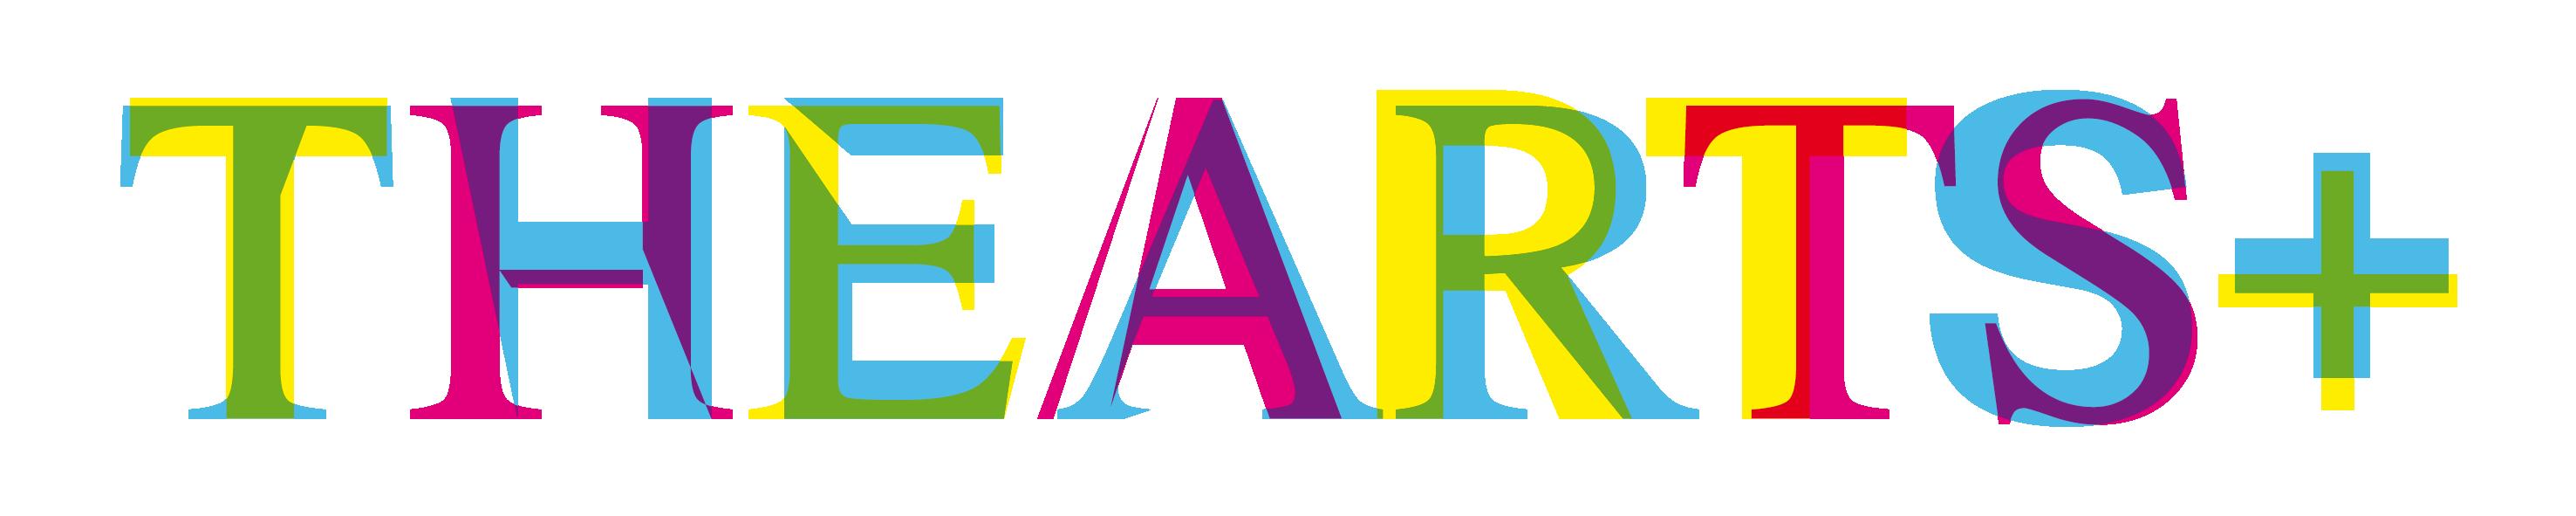 01-theartslogorein-083_buntes-logo